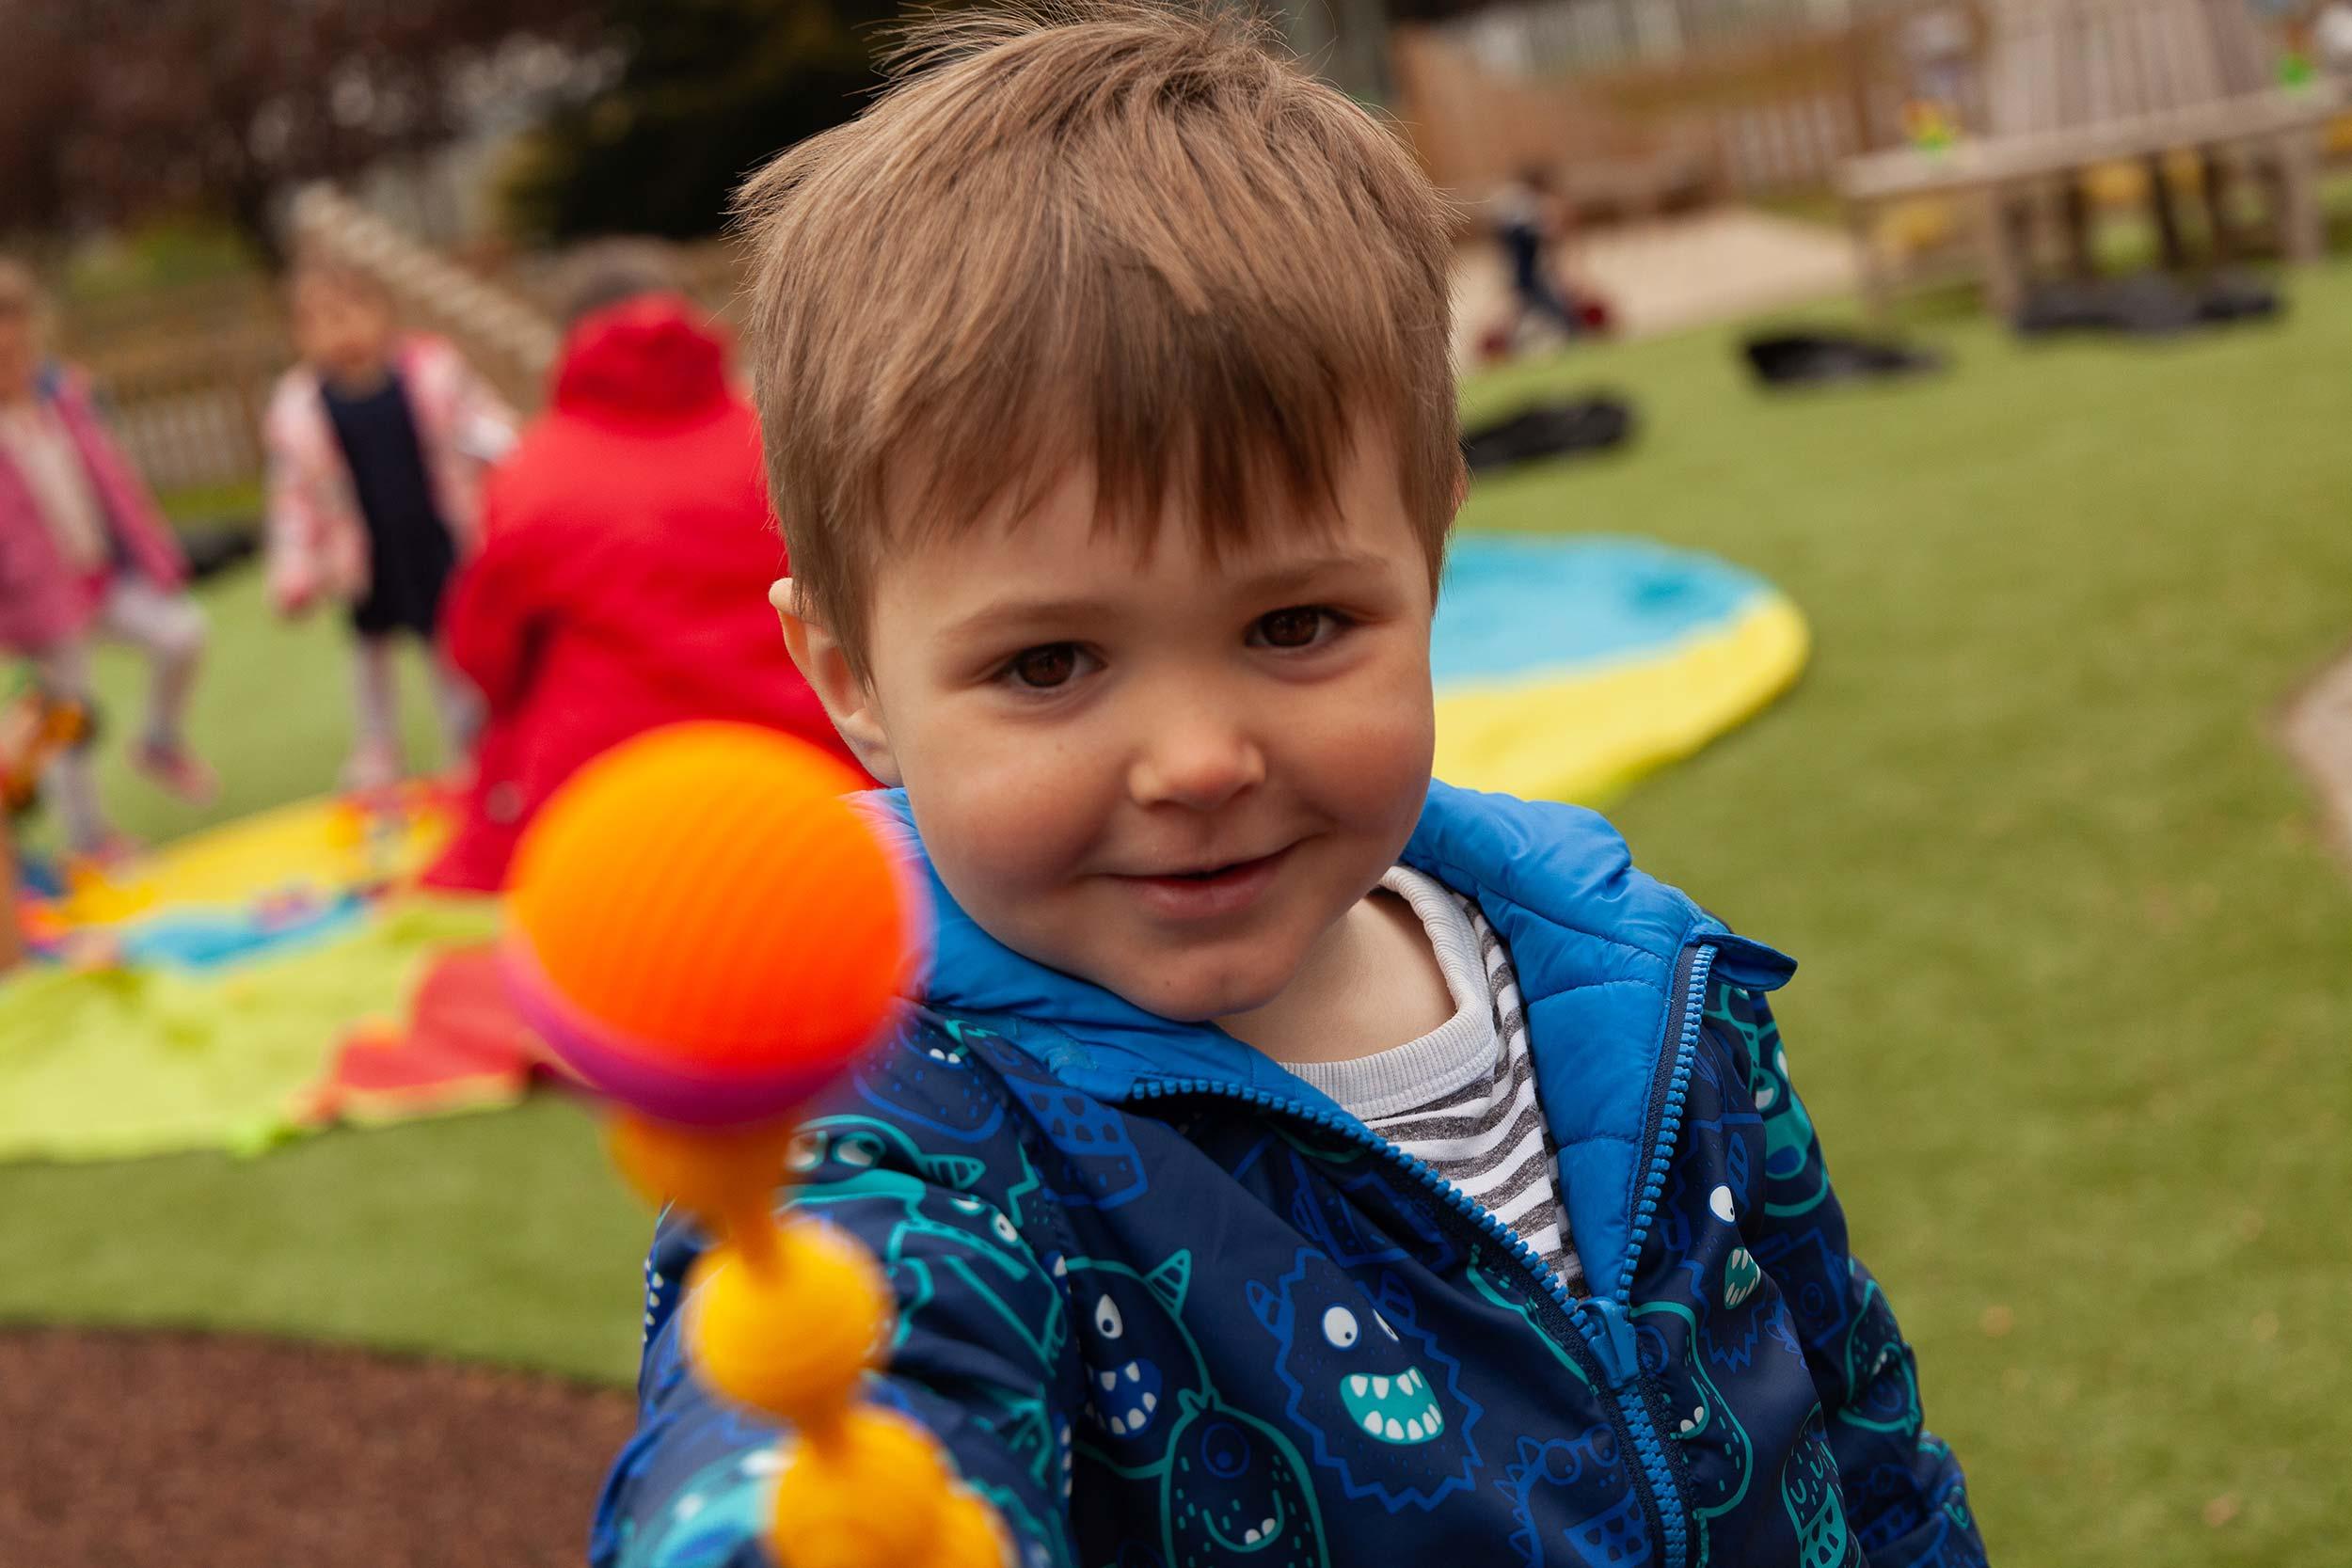 Boy with balls looking at camera